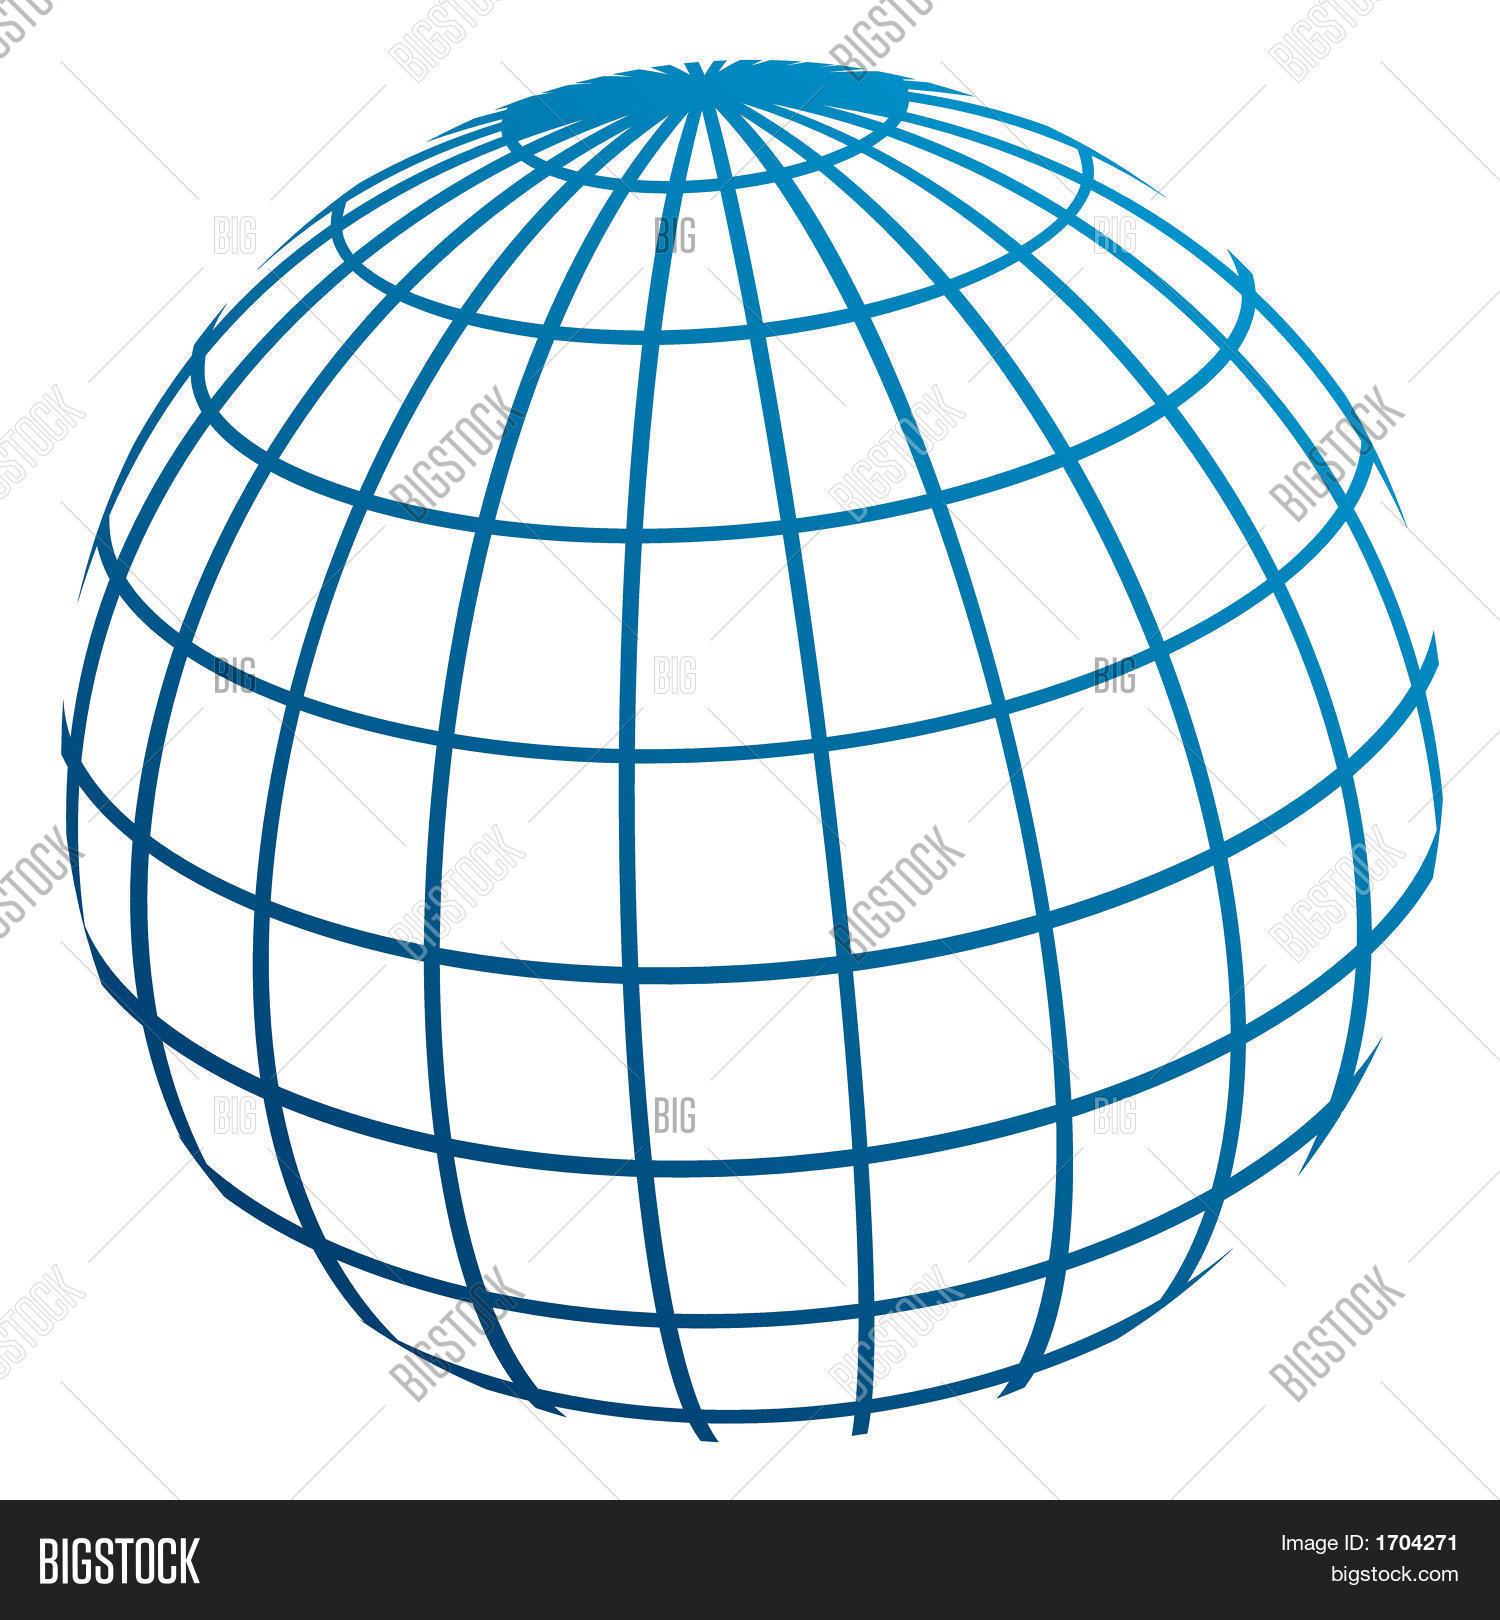 Рисунок земного шара 8